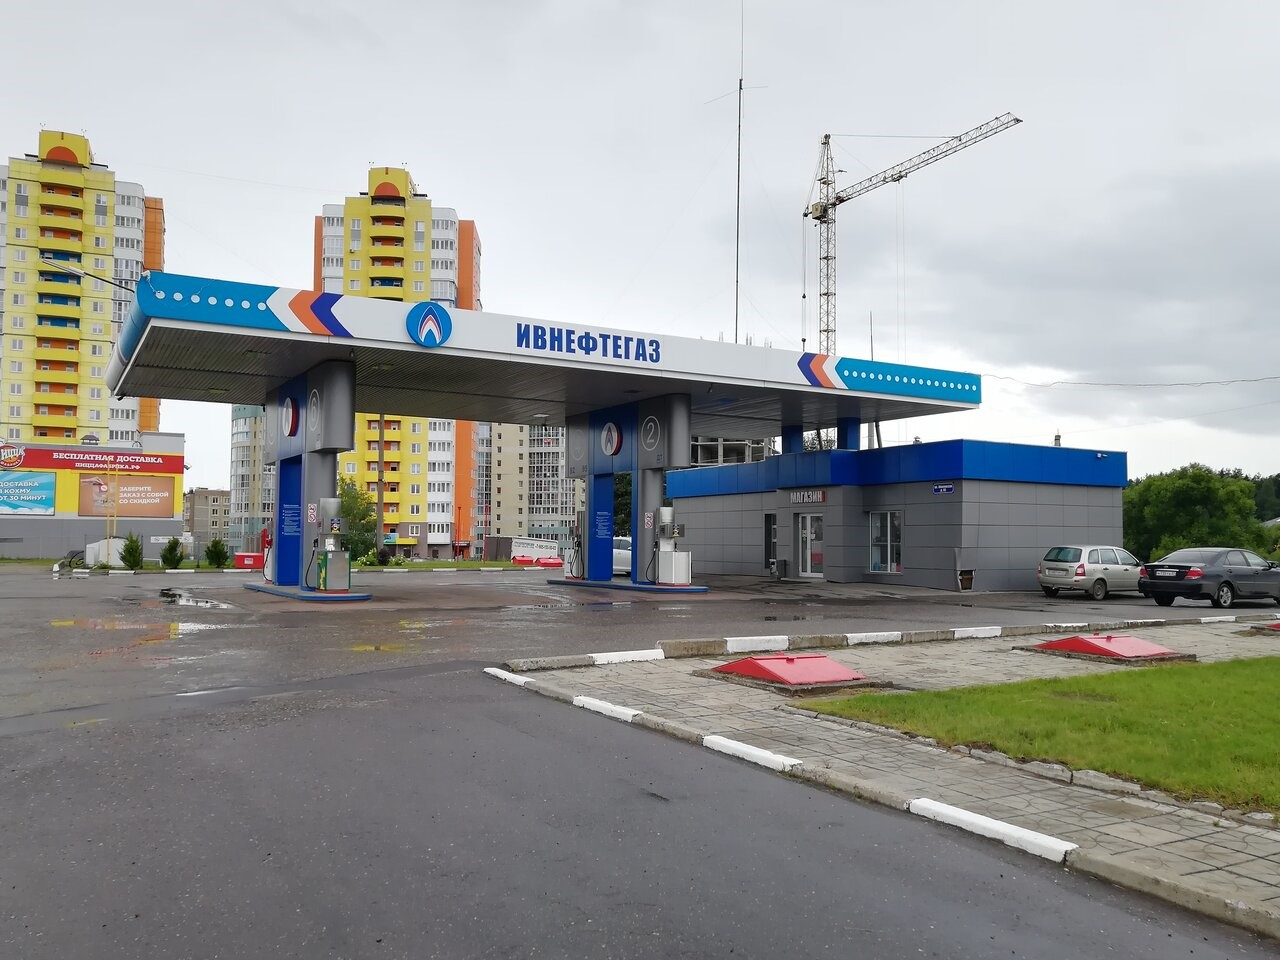 Цены на бензин в Иванове выросли в 2,5 раза больше, чем в среднем по России